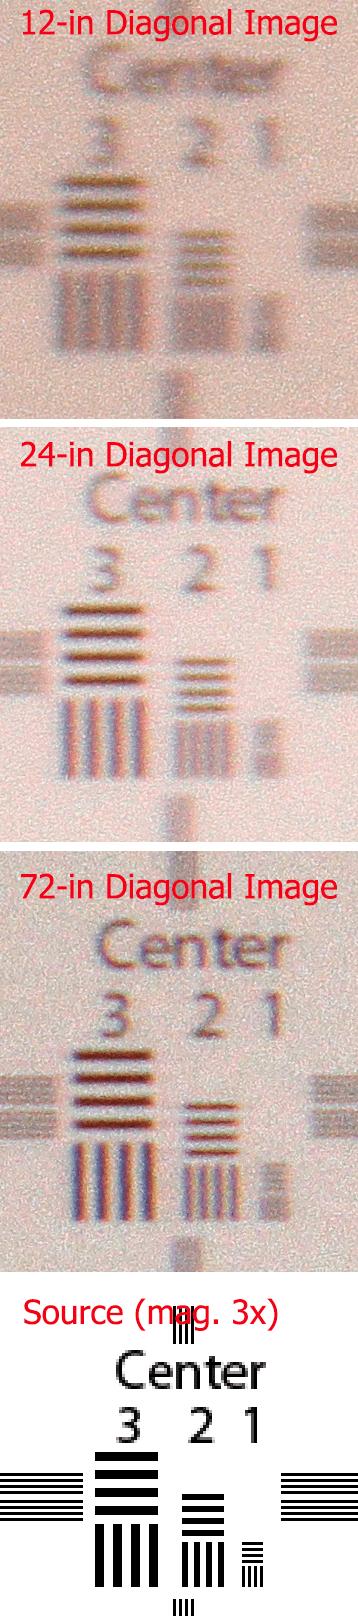 Celluon image size comparison center crops